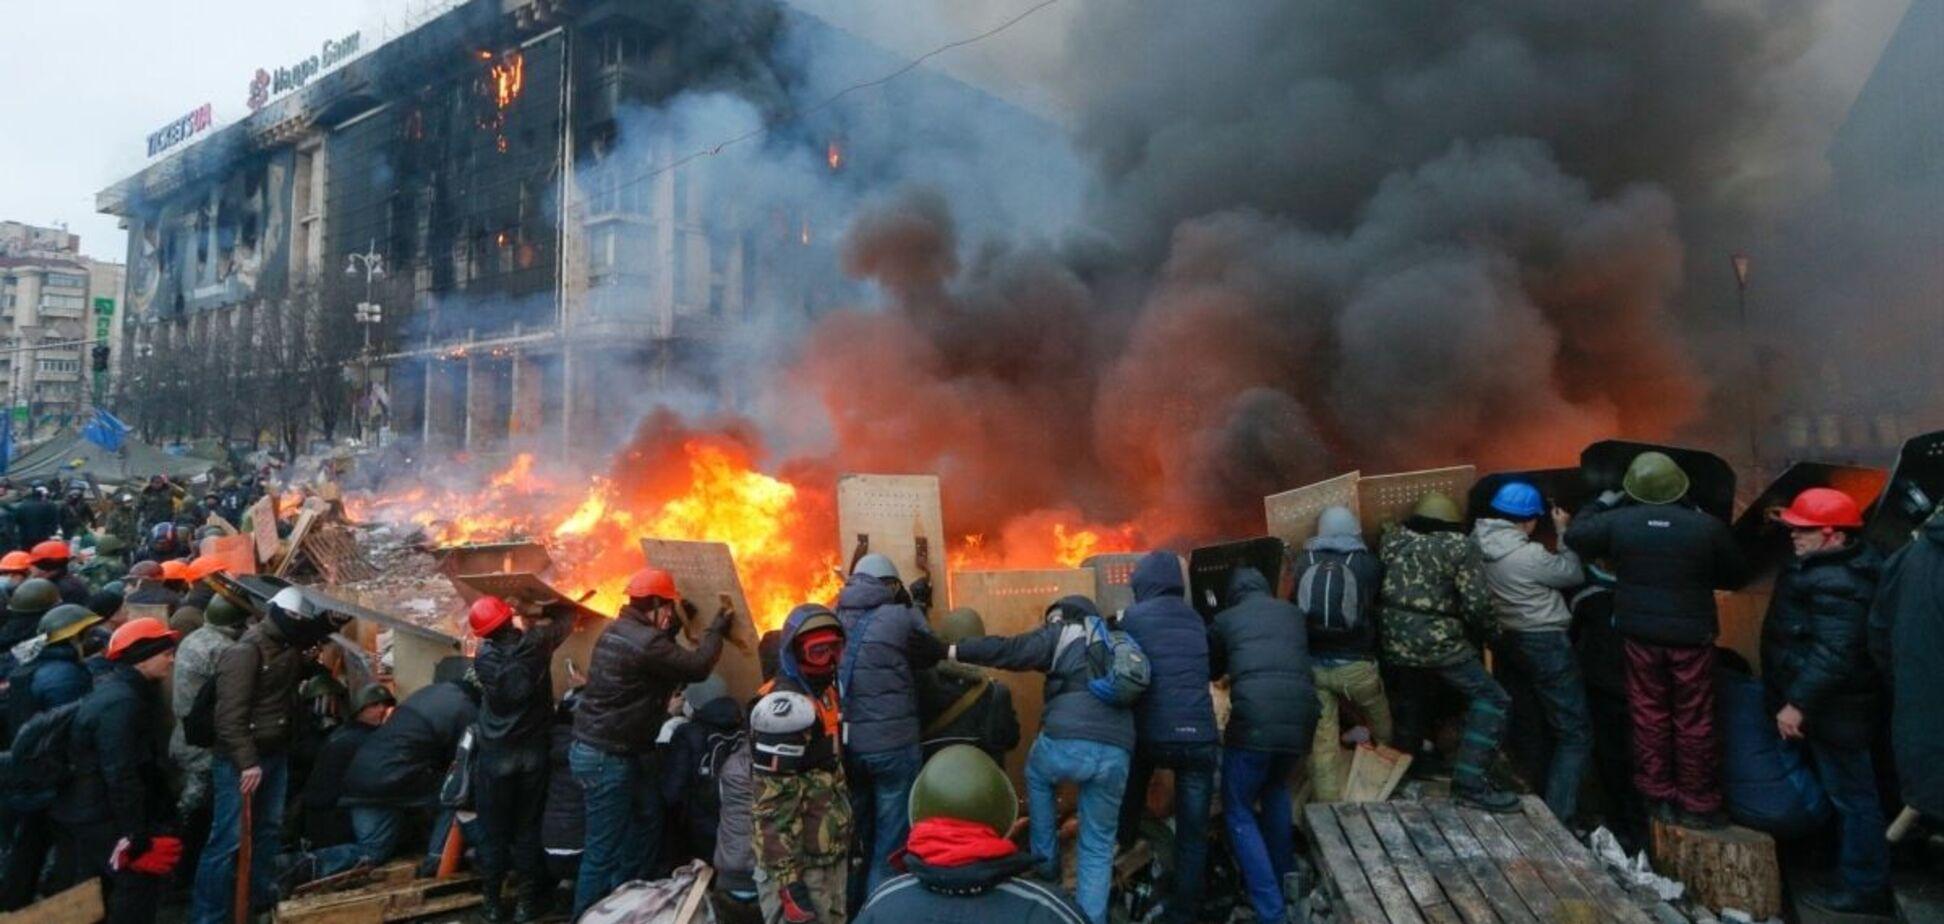 События на Майдане, которые происходили с декабря по февраль 2013-2014 годов